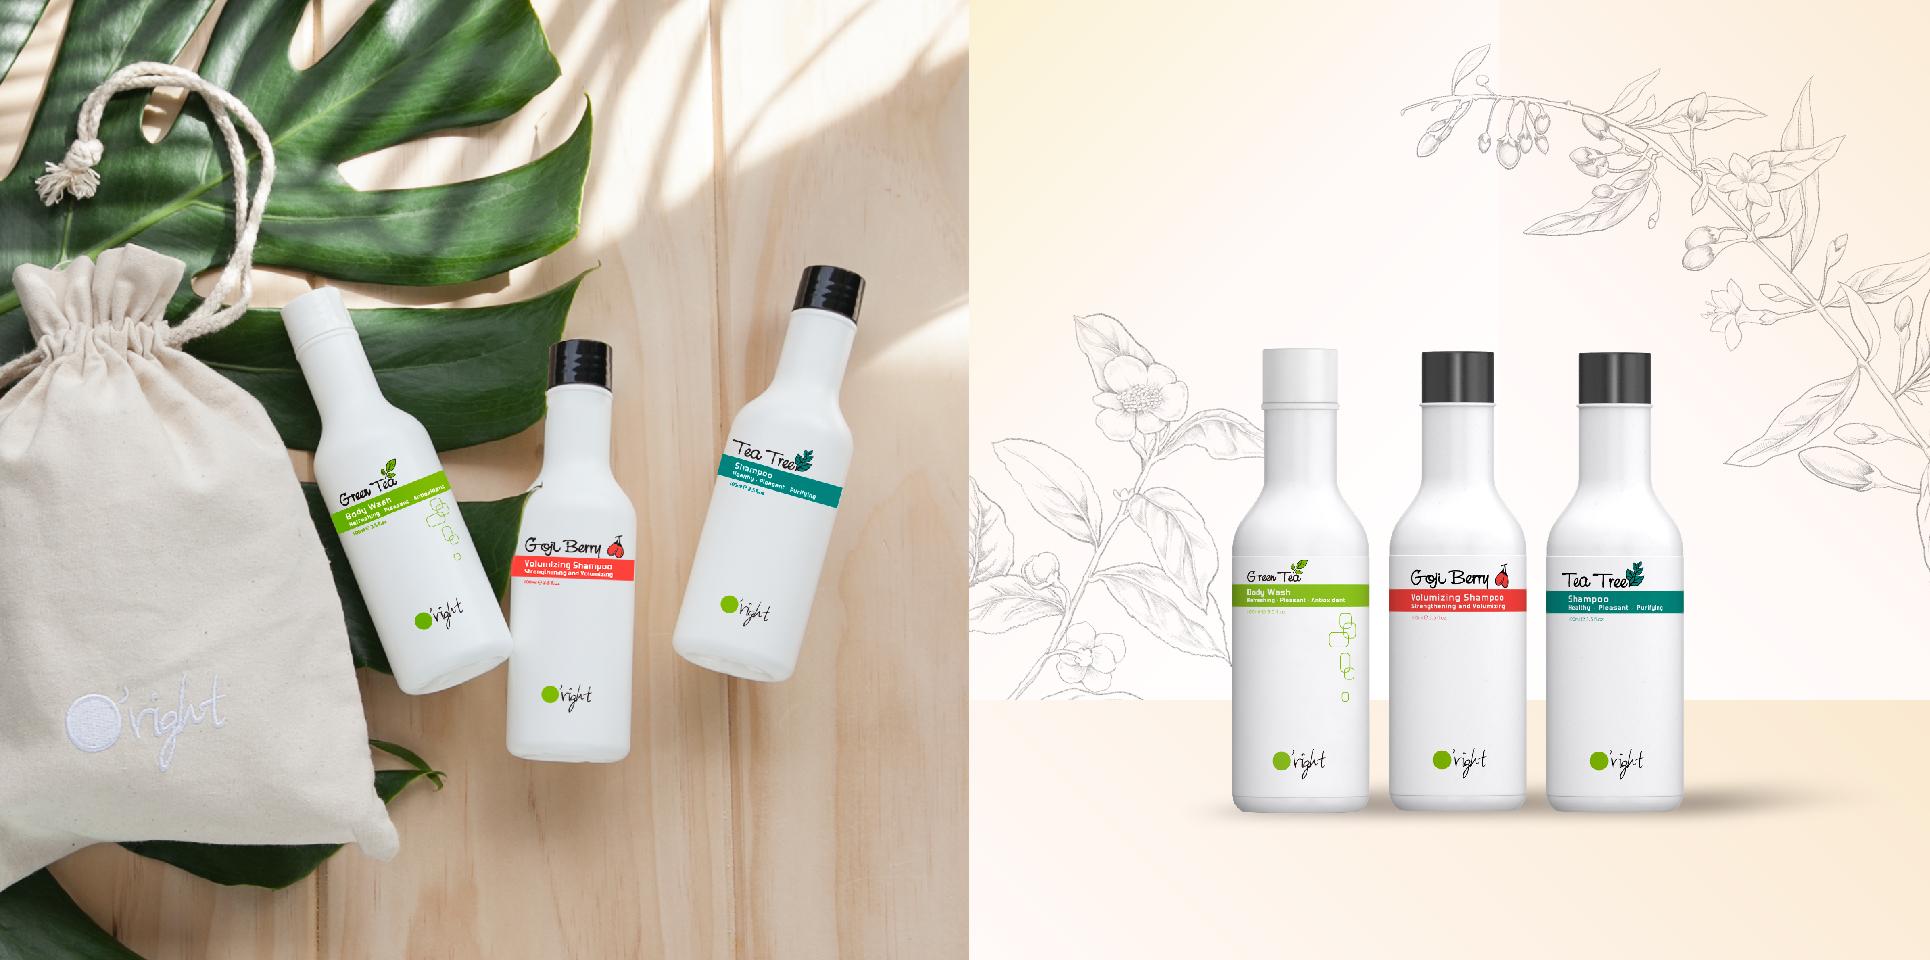 洗的是頭皮而不是頭髮!歐盟有機組織天然驗證起泡成分與精純茶樹精油,能有效淨化頭皮,頭髮自然健康、清新舒爽。堅持無添加8種有害物質,為消費者的健康與美麗把關。